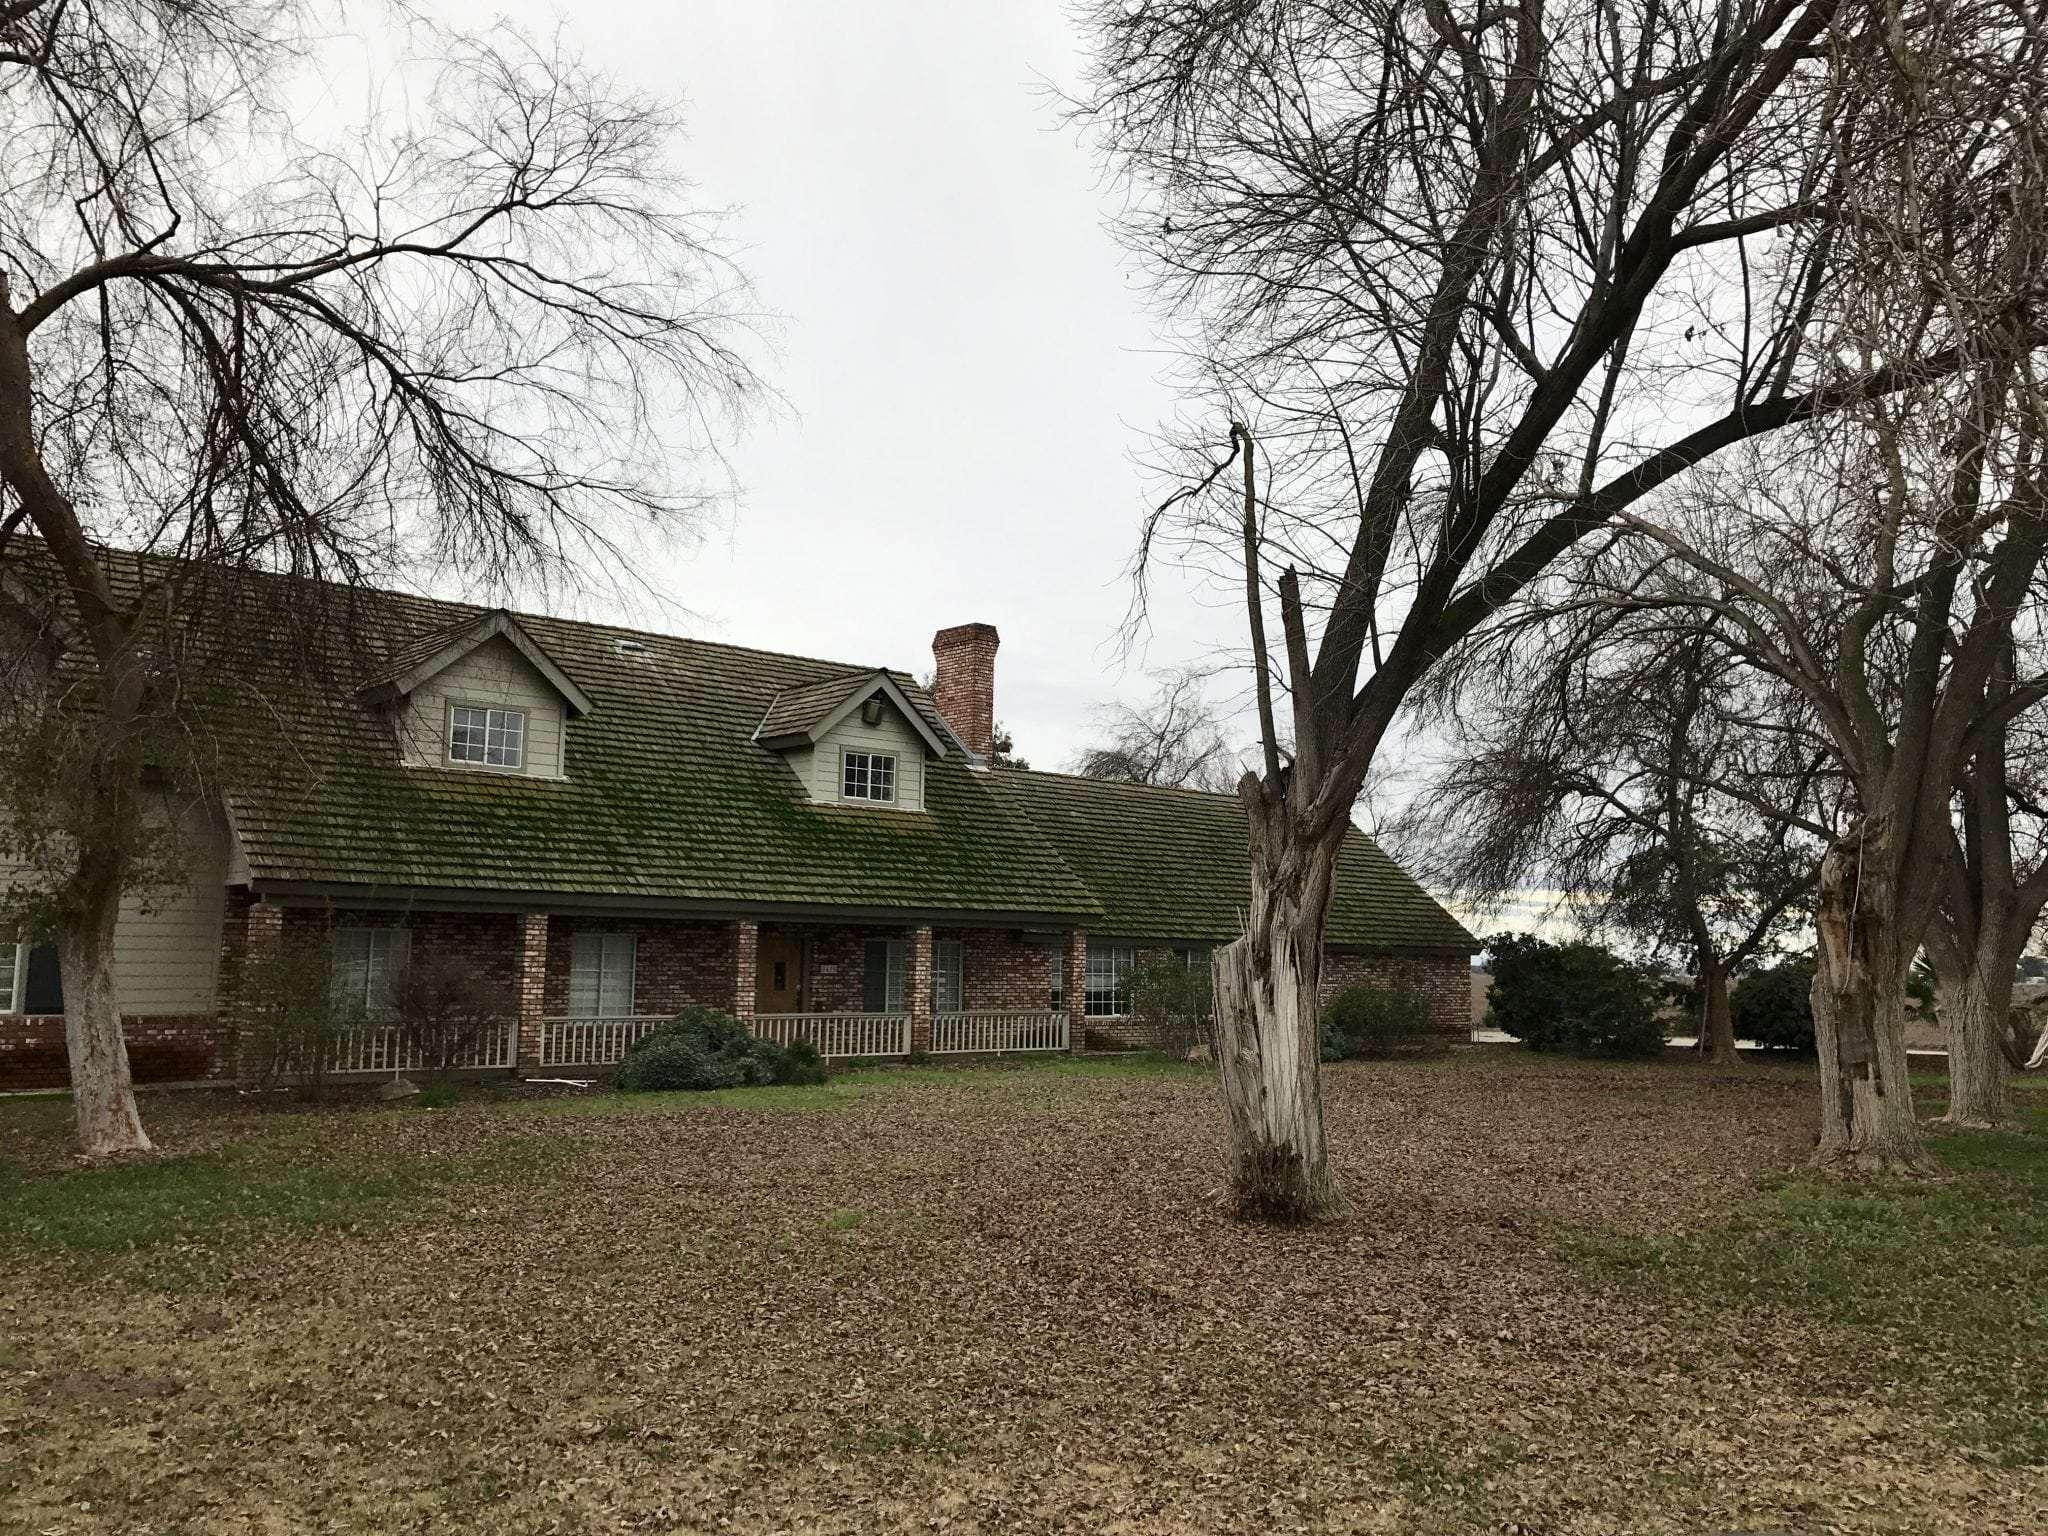 20 Ac. Estate, Hanford